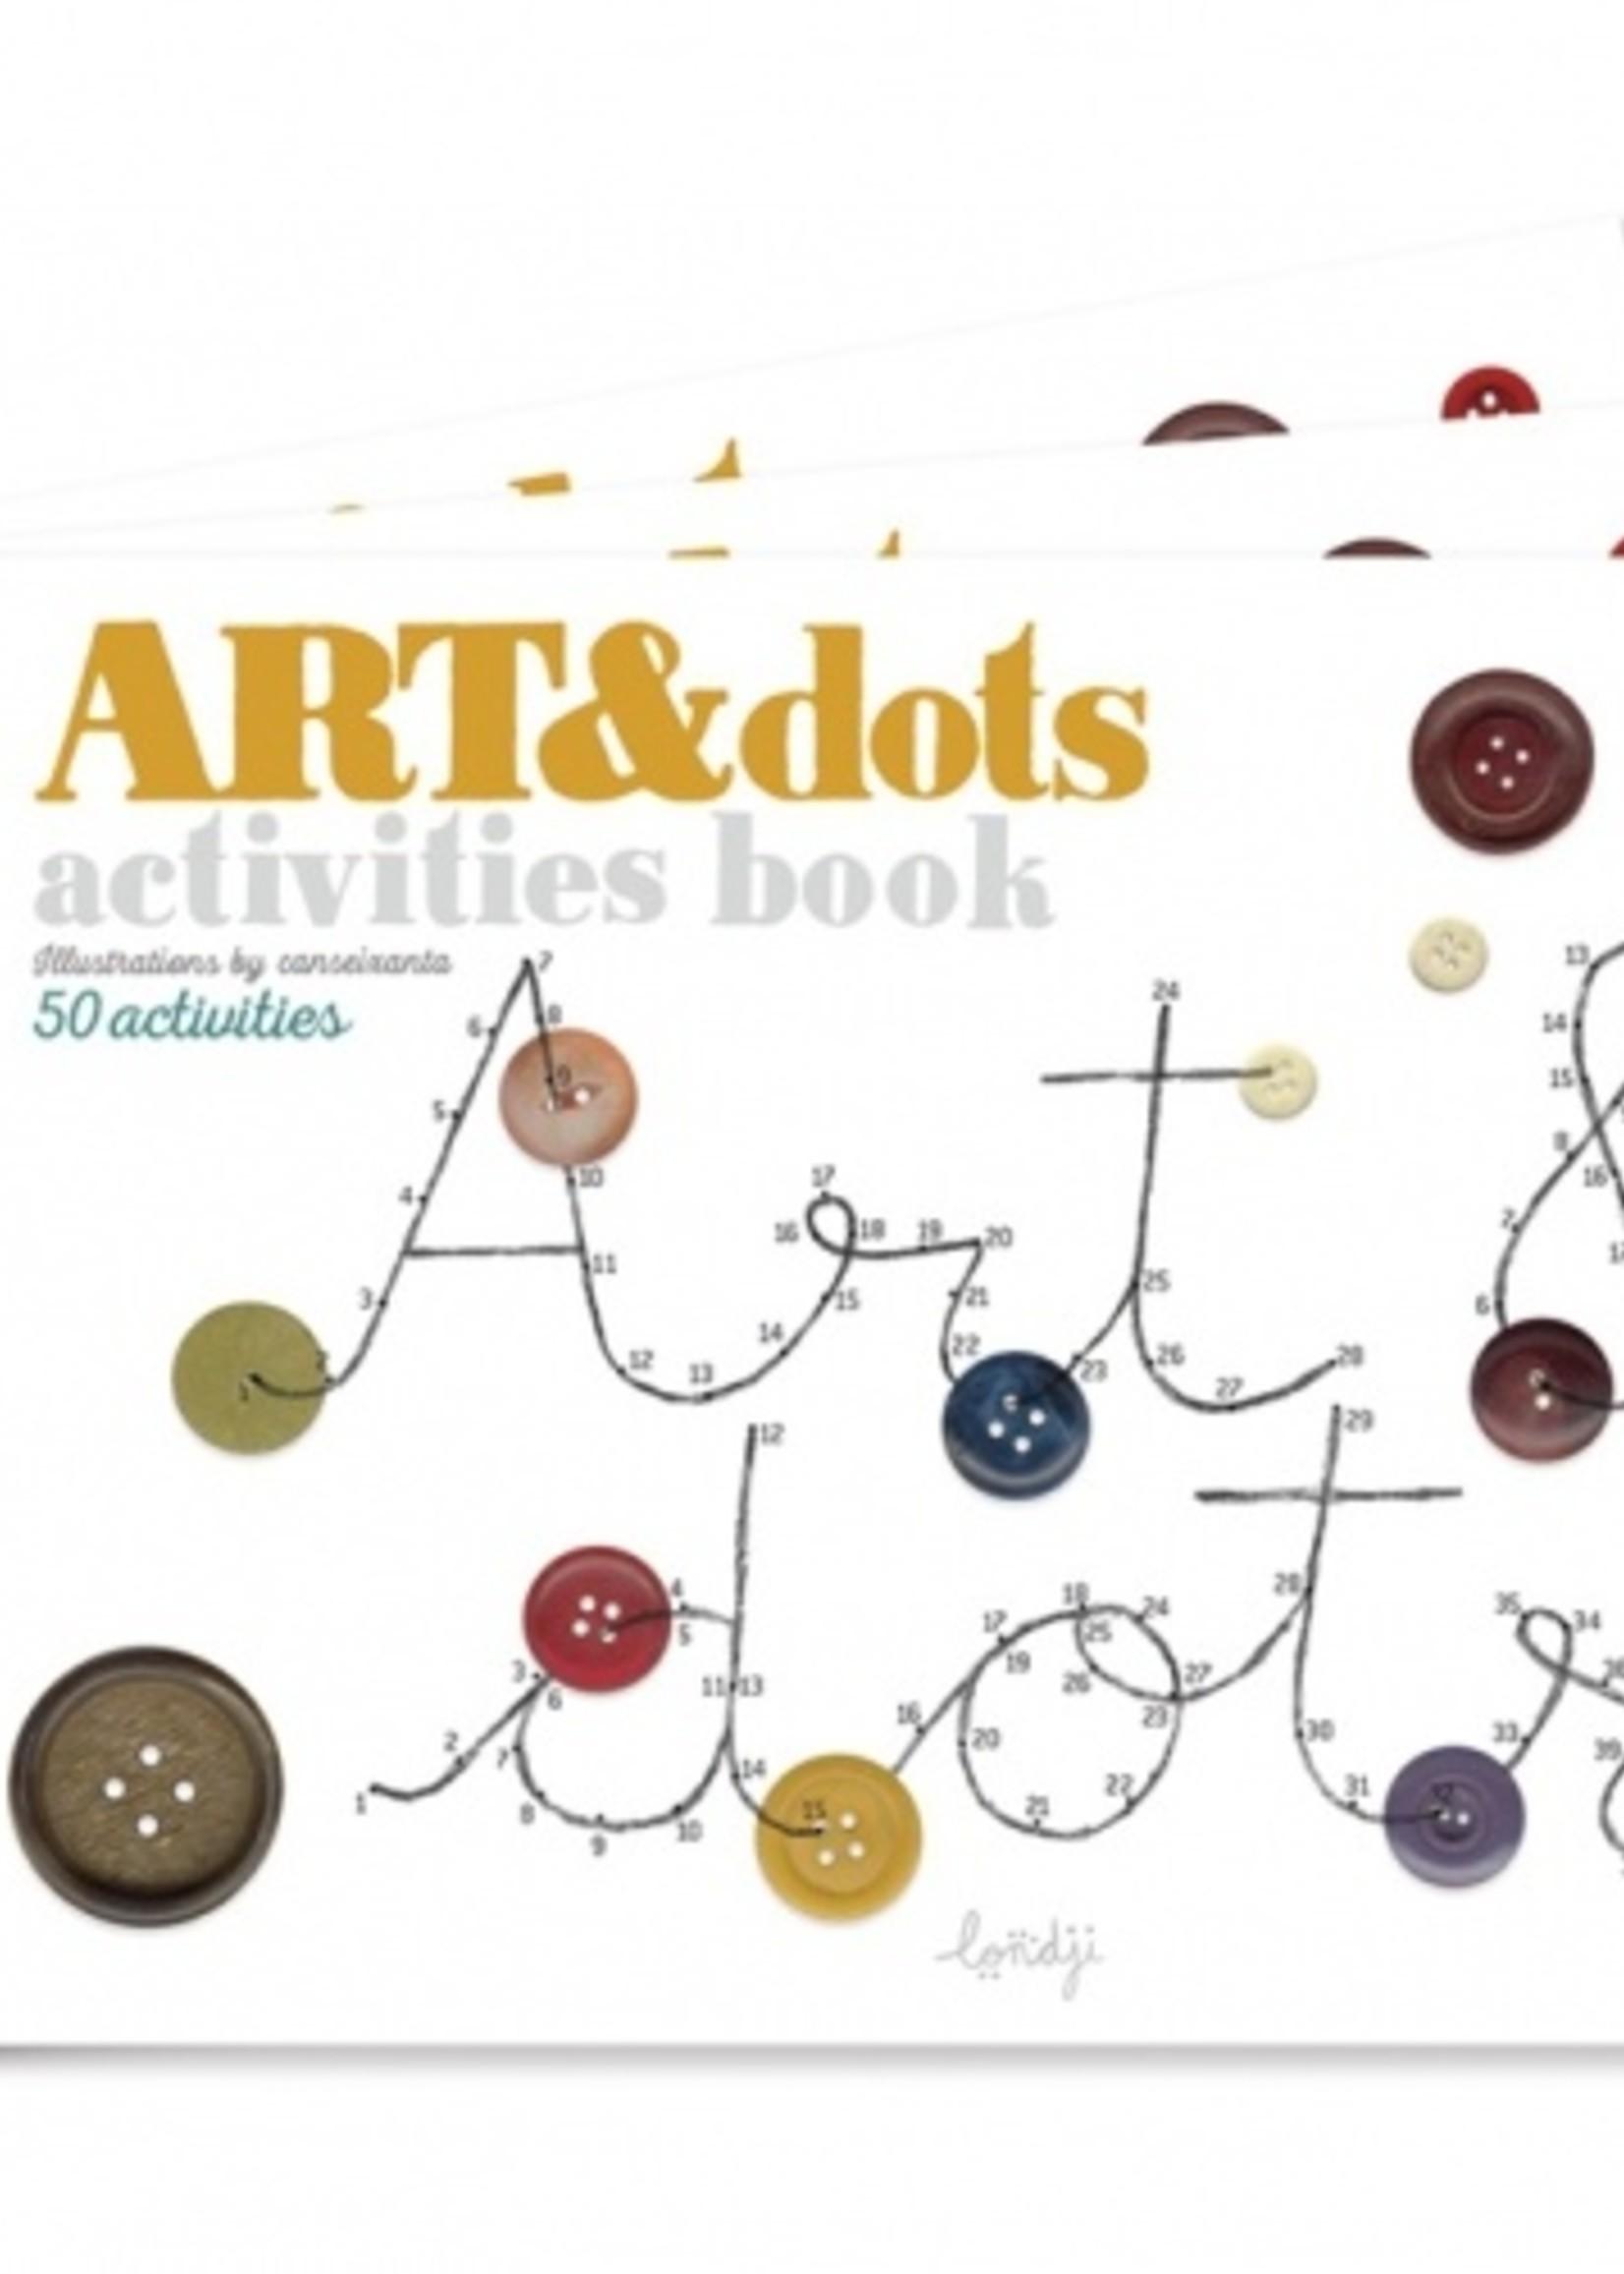 Notebook - Art & Dots (CASELOT 3) - Londji